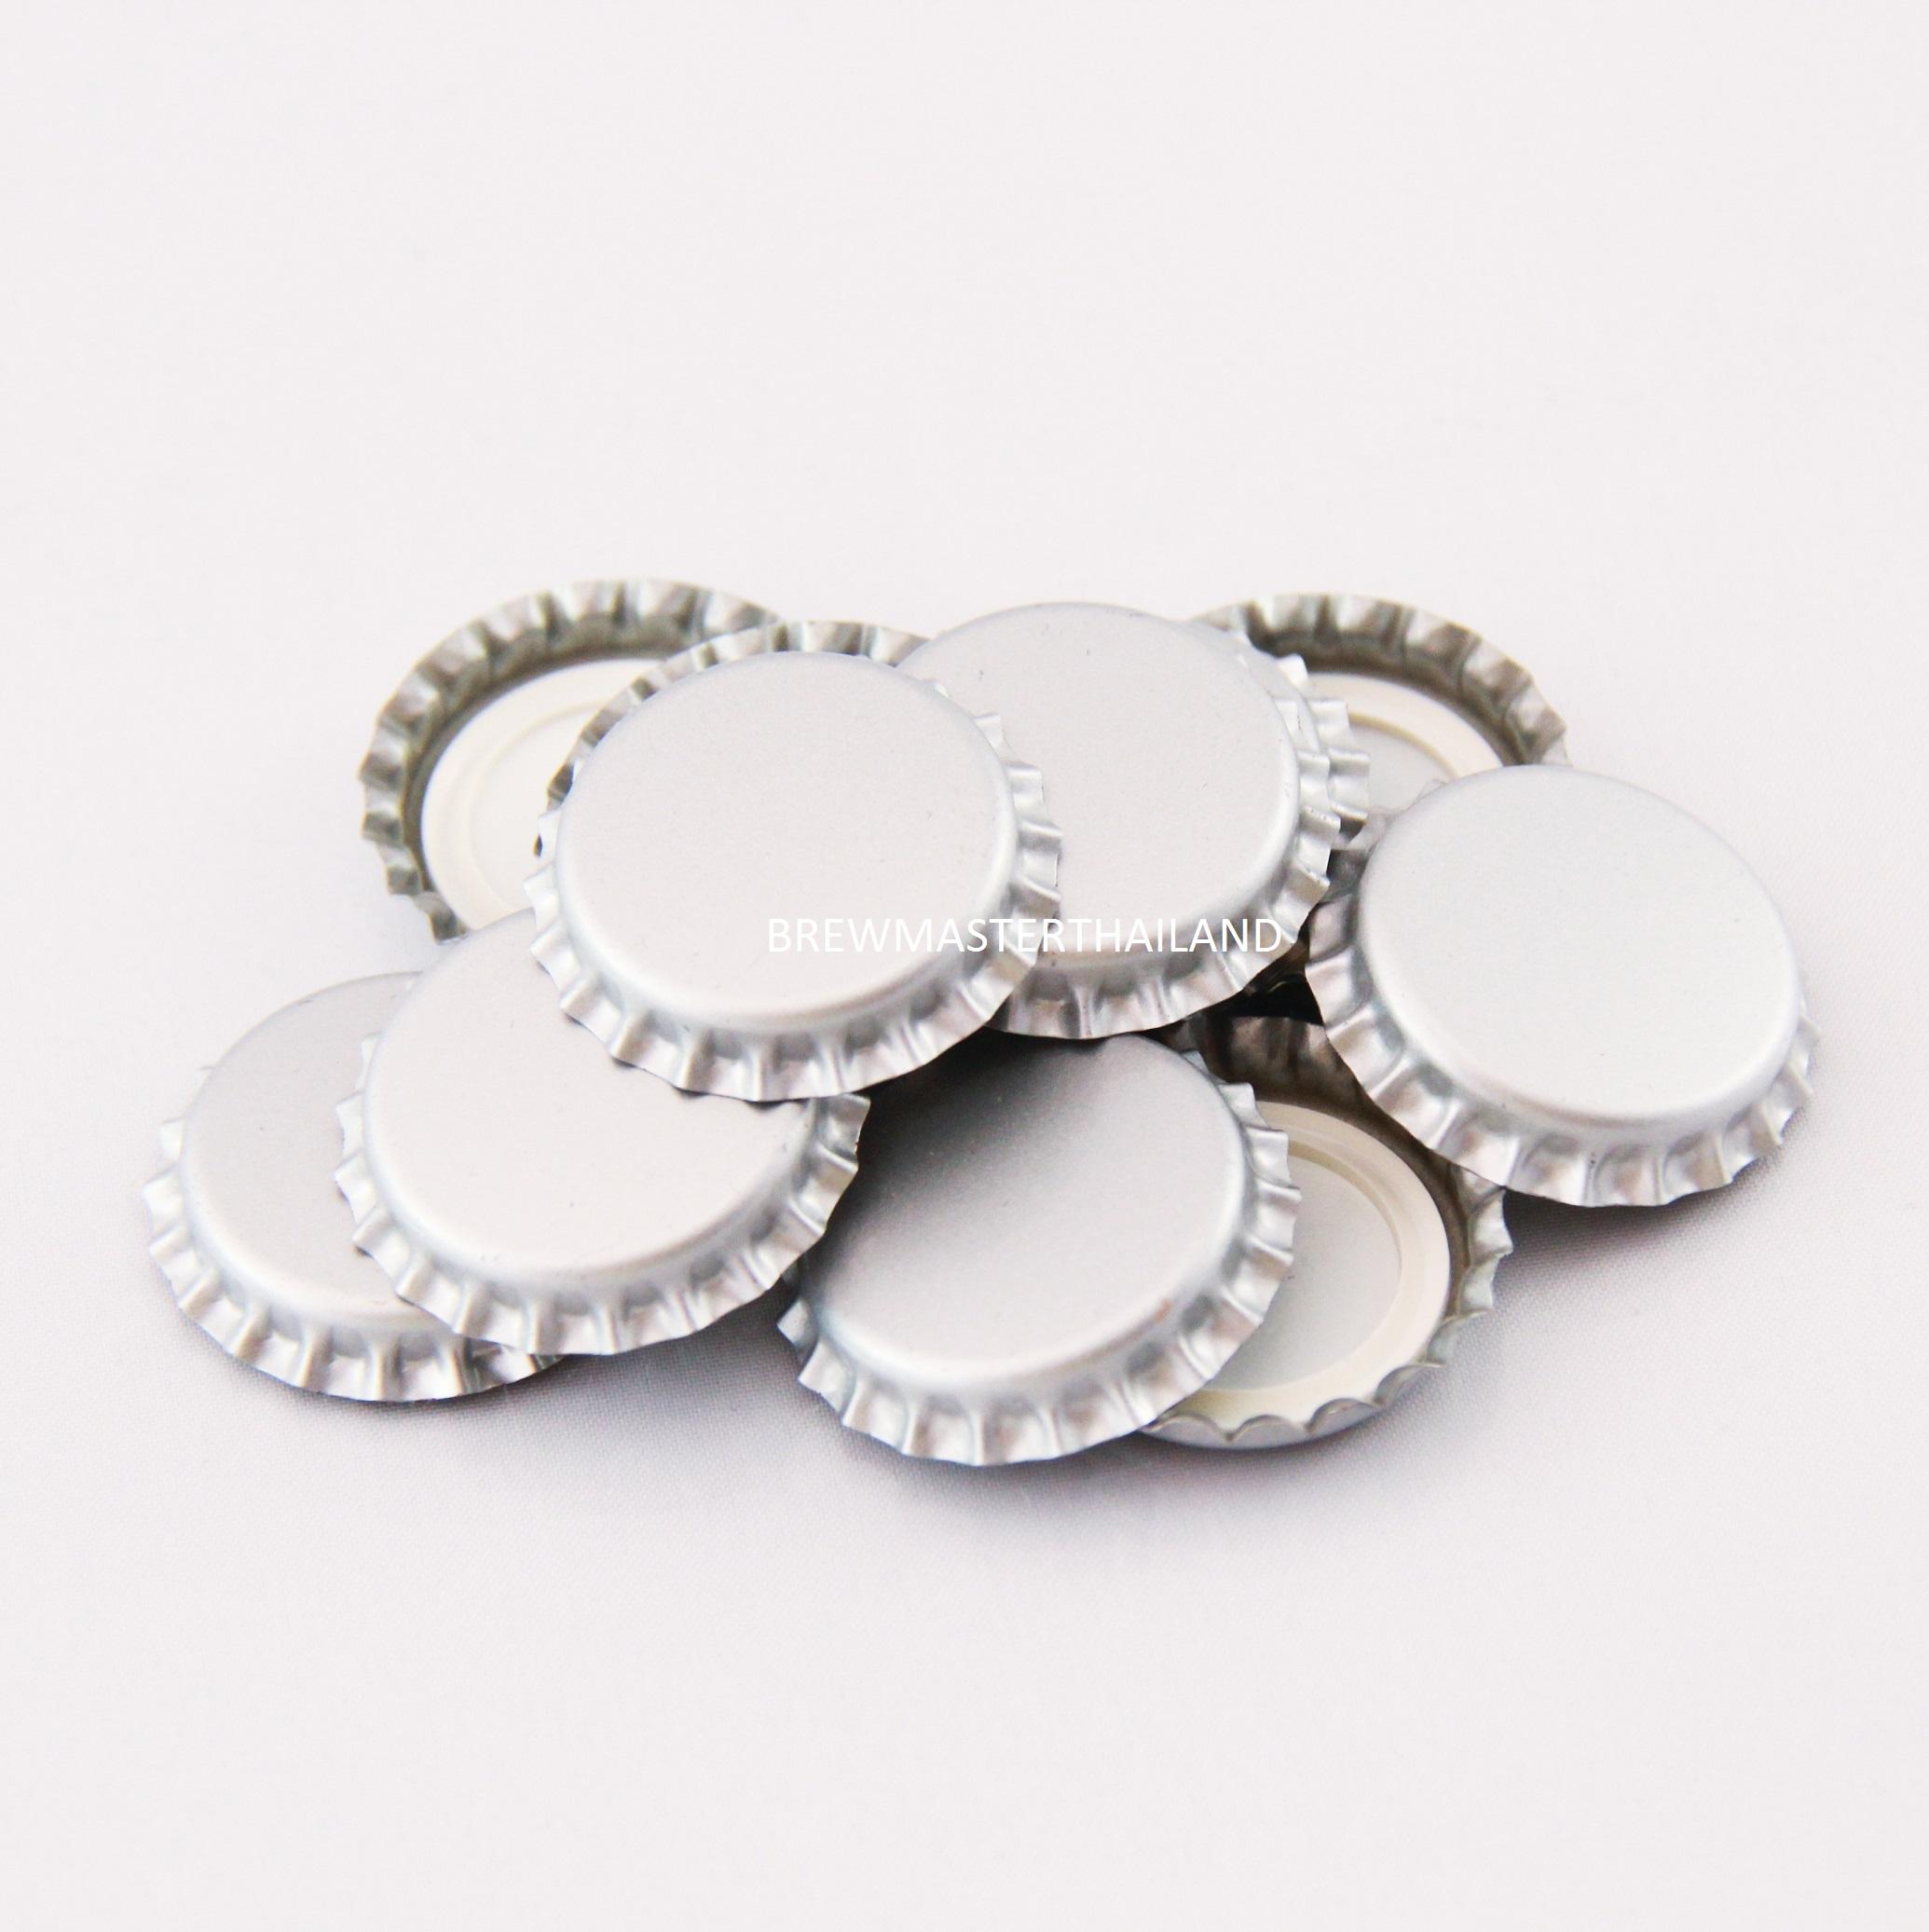 Silver Bottle caps (100 pcs)